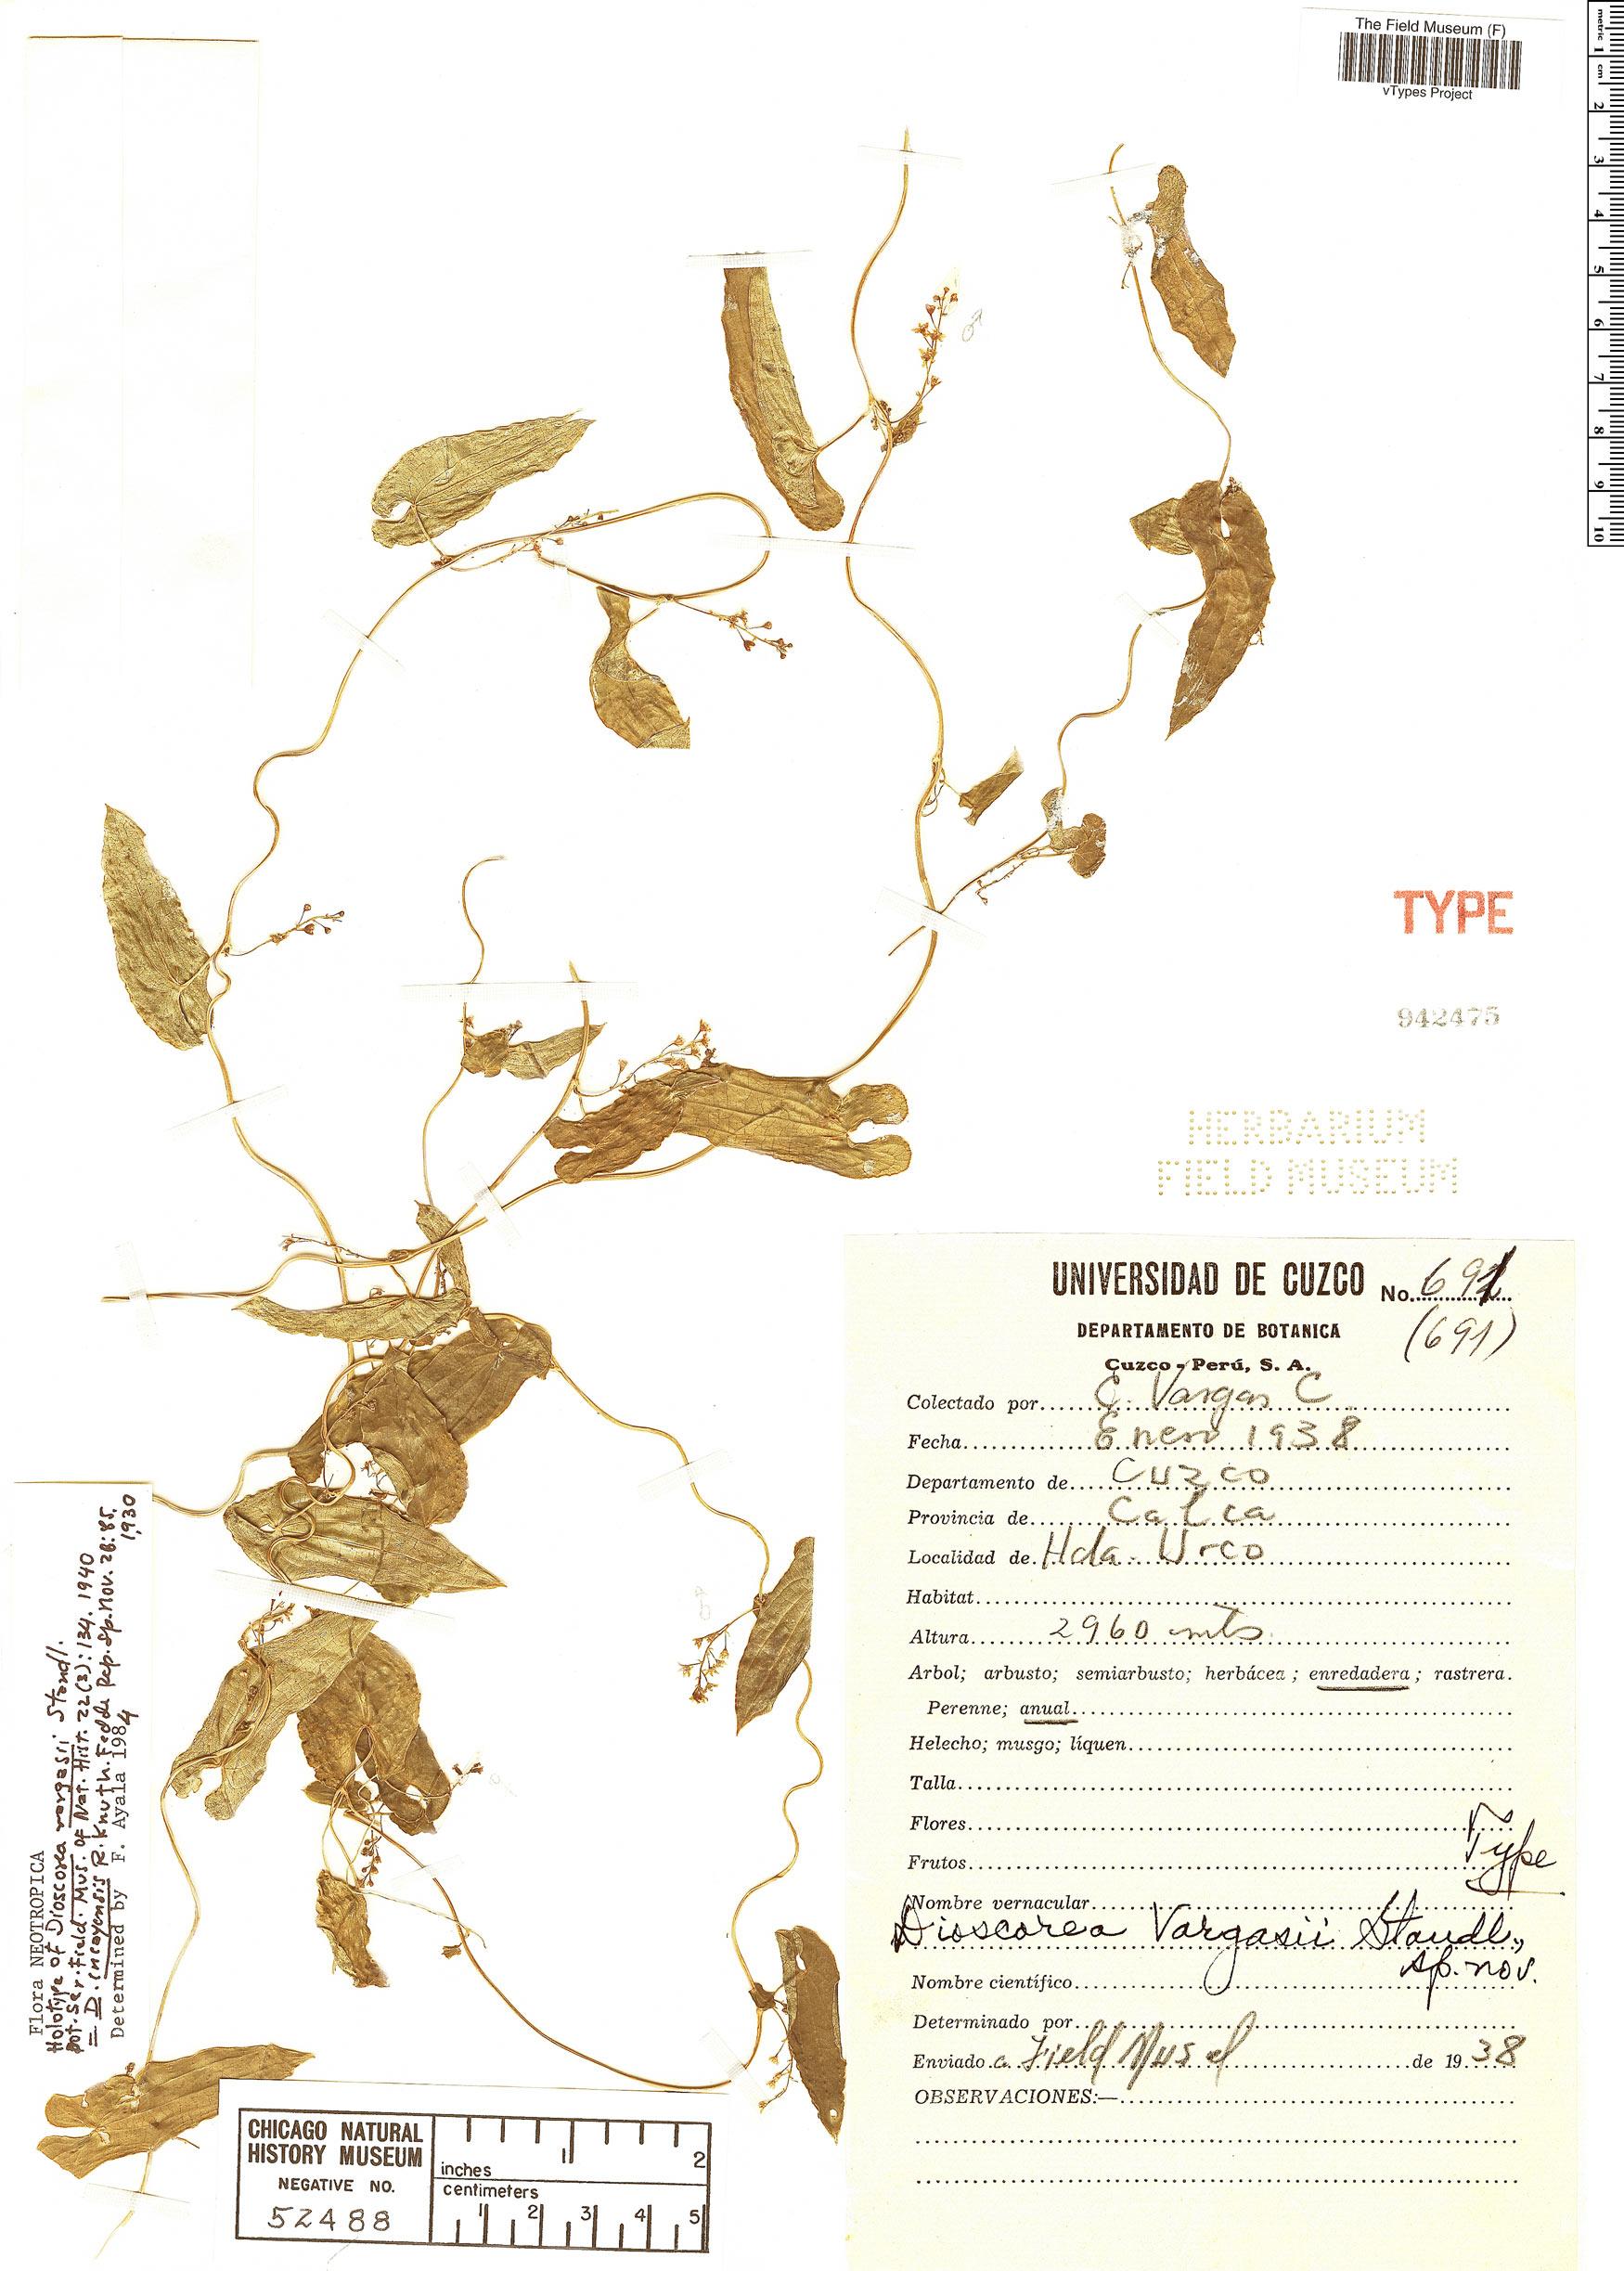 Specimen: Dioscorea vargasii